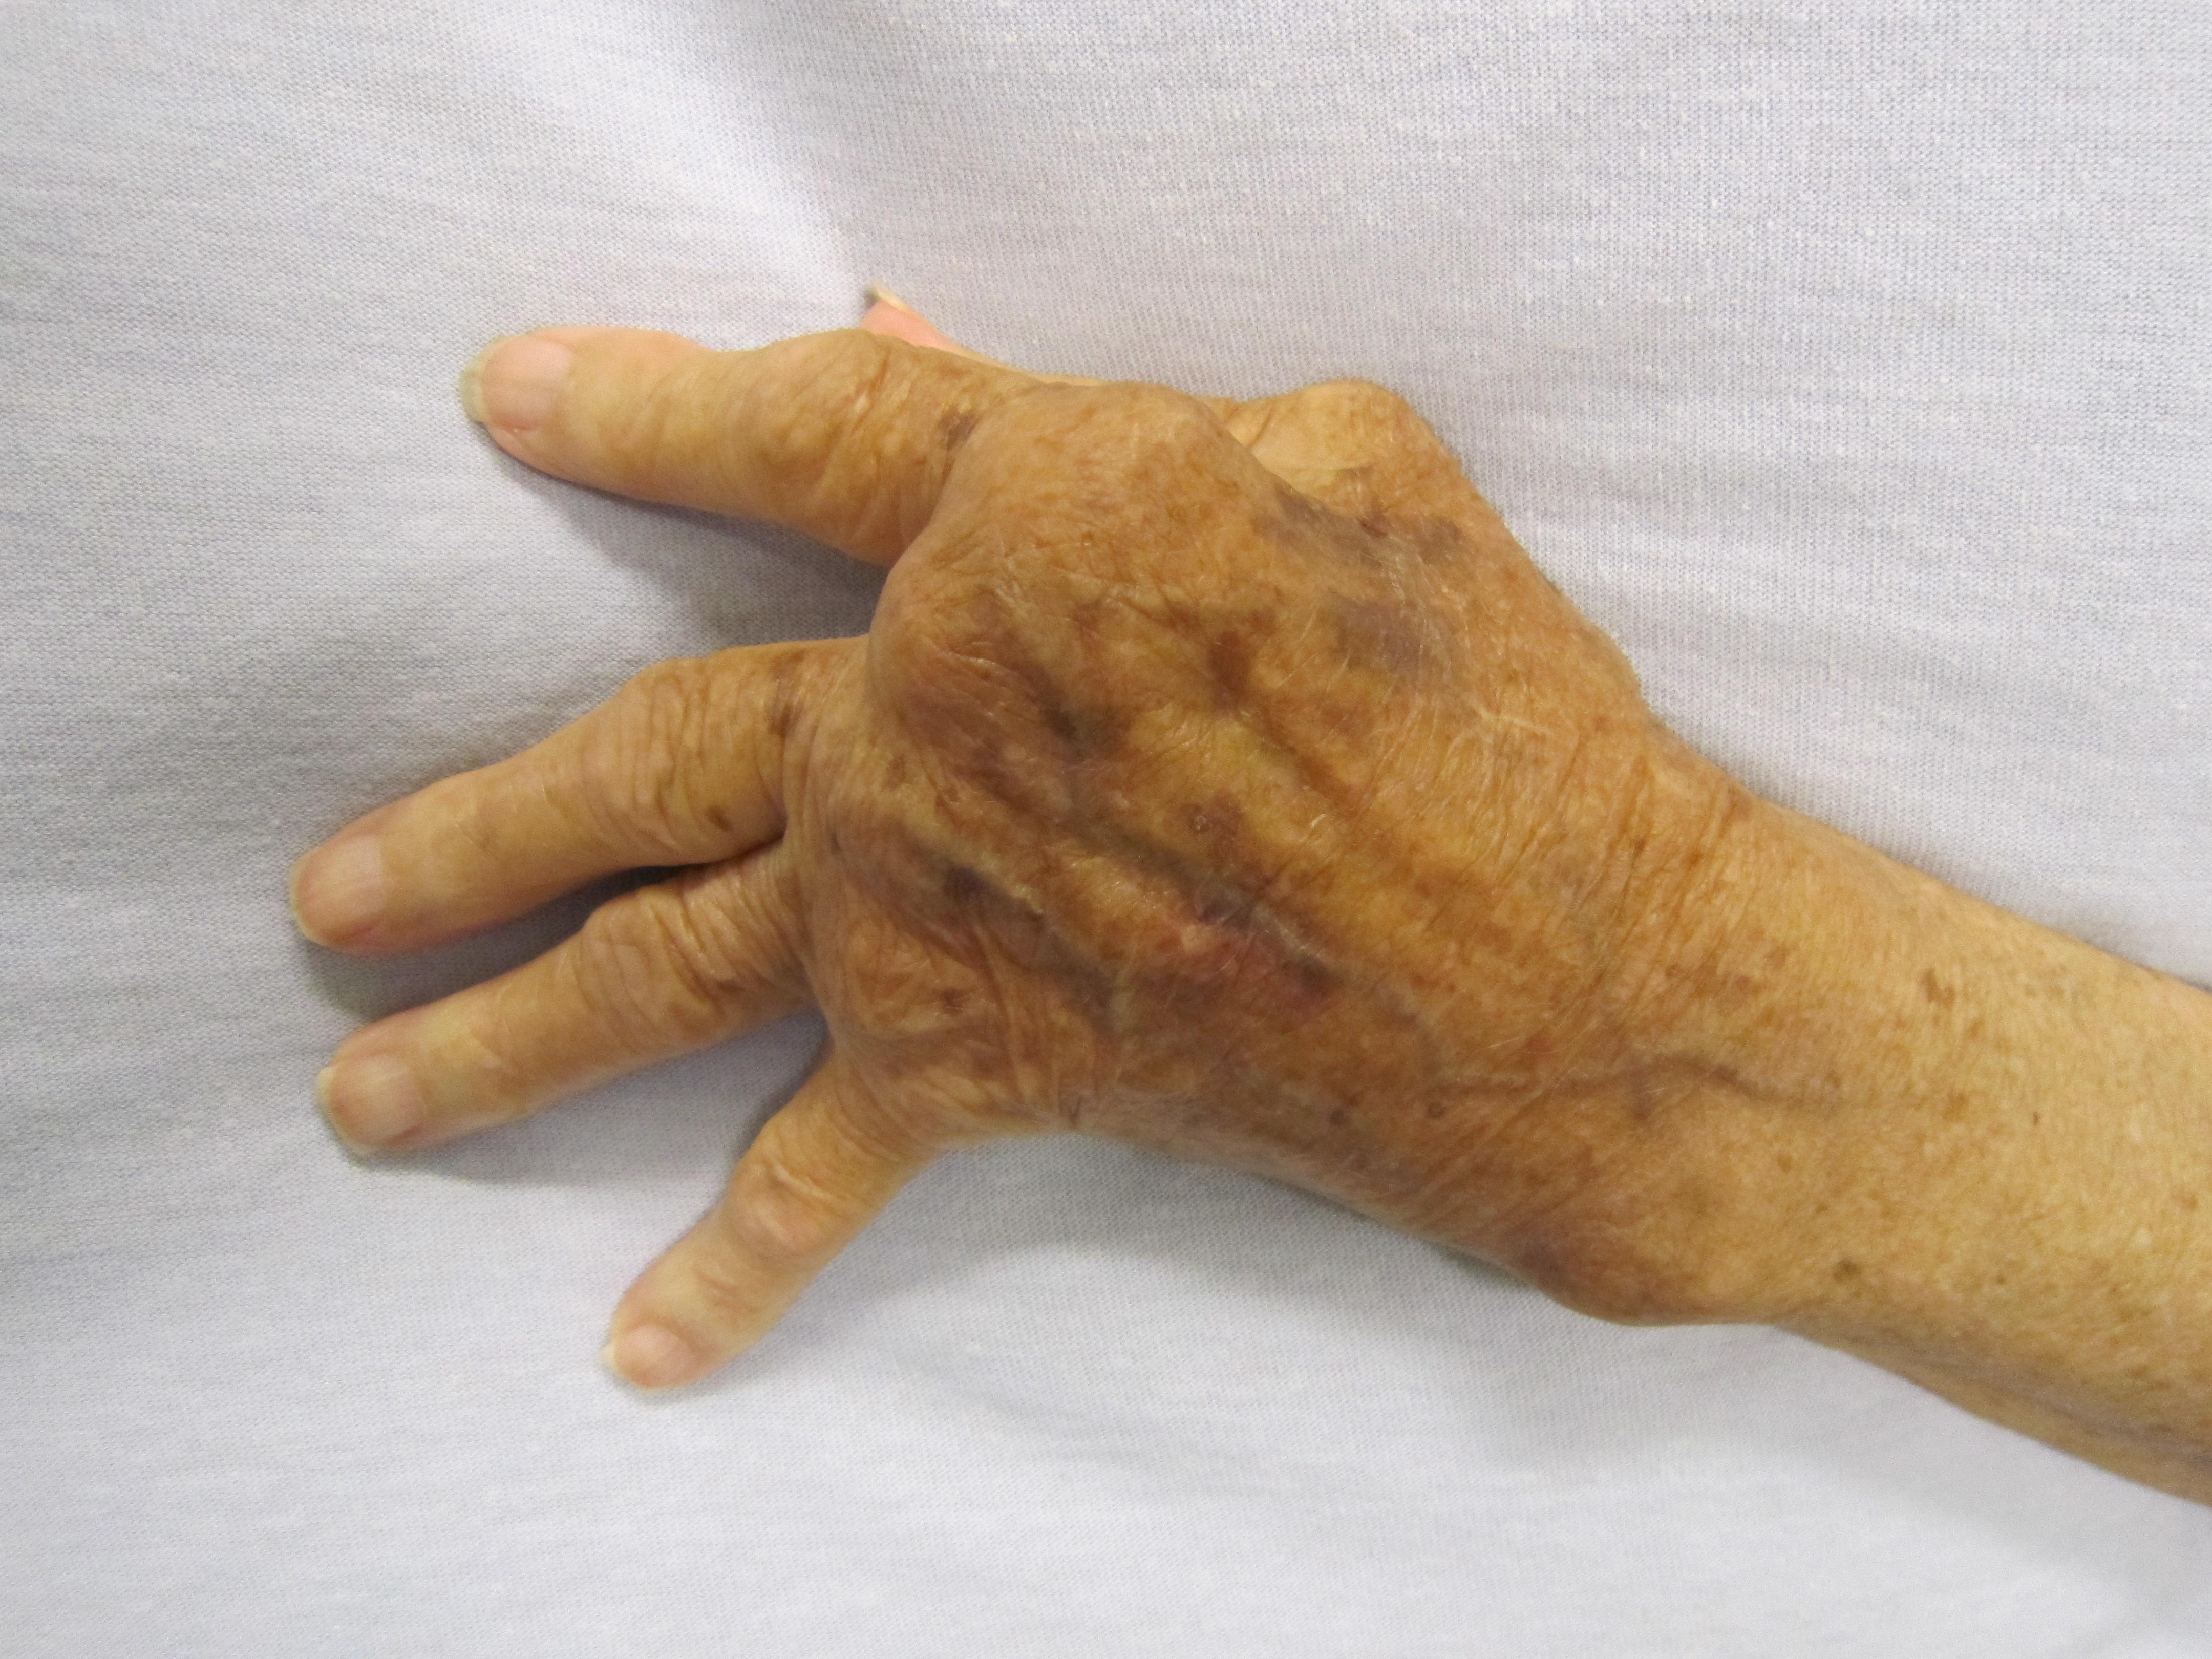 merevség és fájdalom a bal kéz ízületeiben